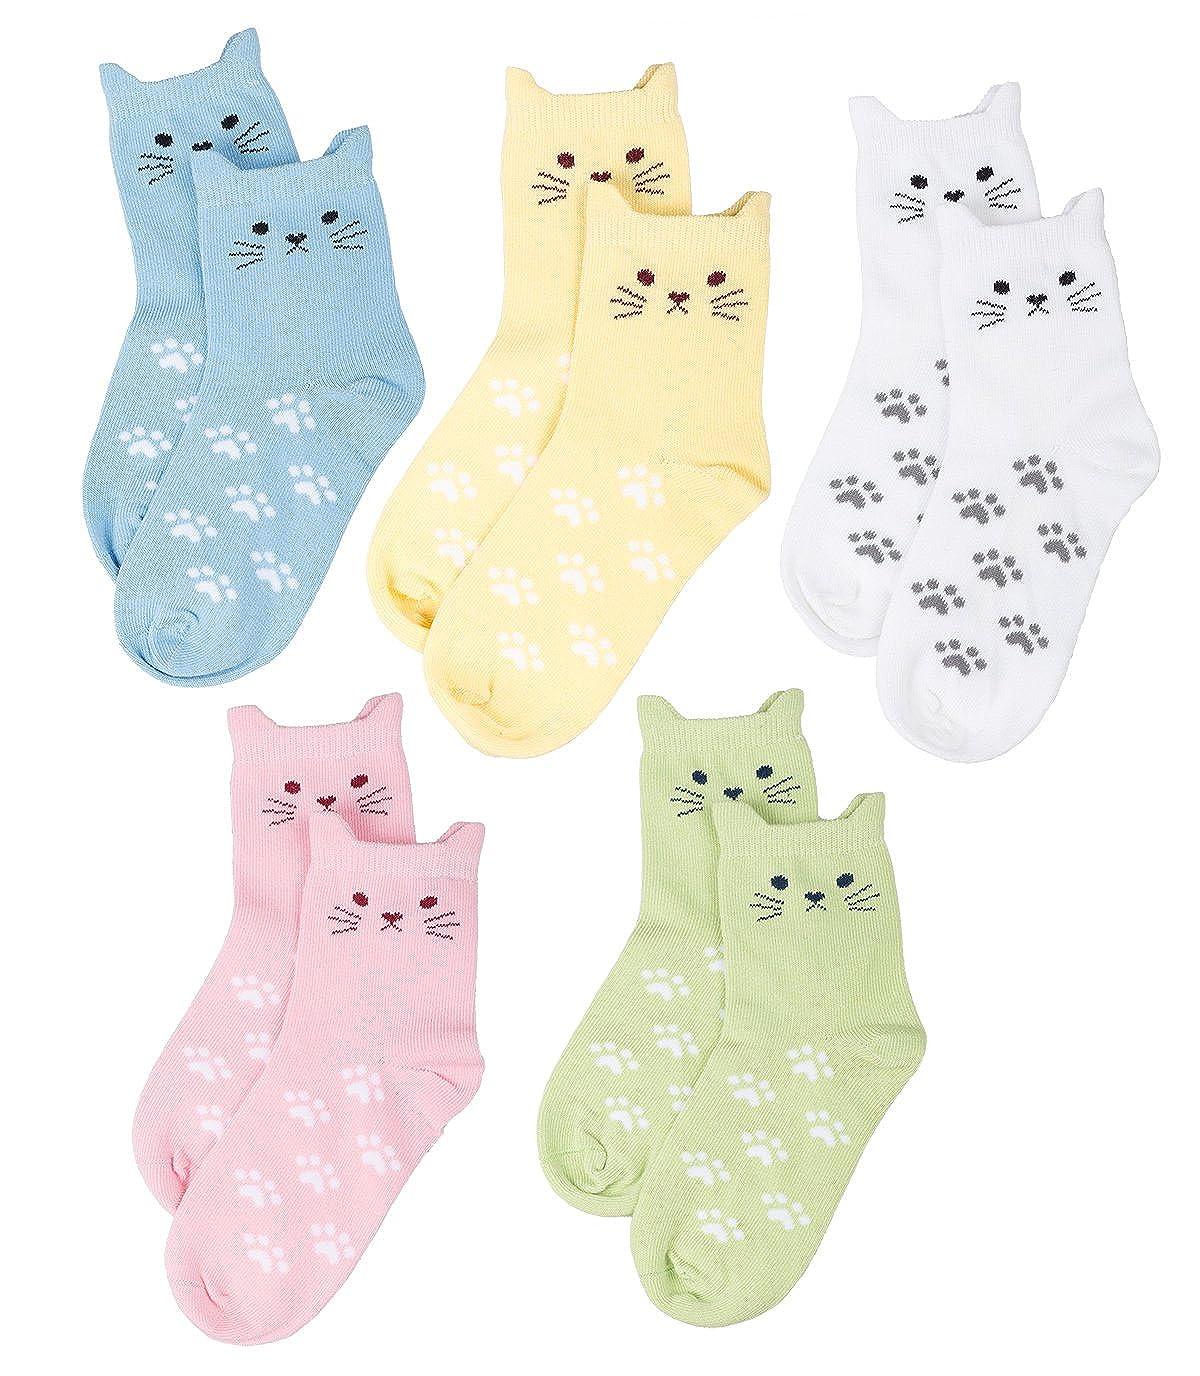 Maiwa - Calzini in cotone, 5 paia, motivo: gatto, senza cuciture, da bambina